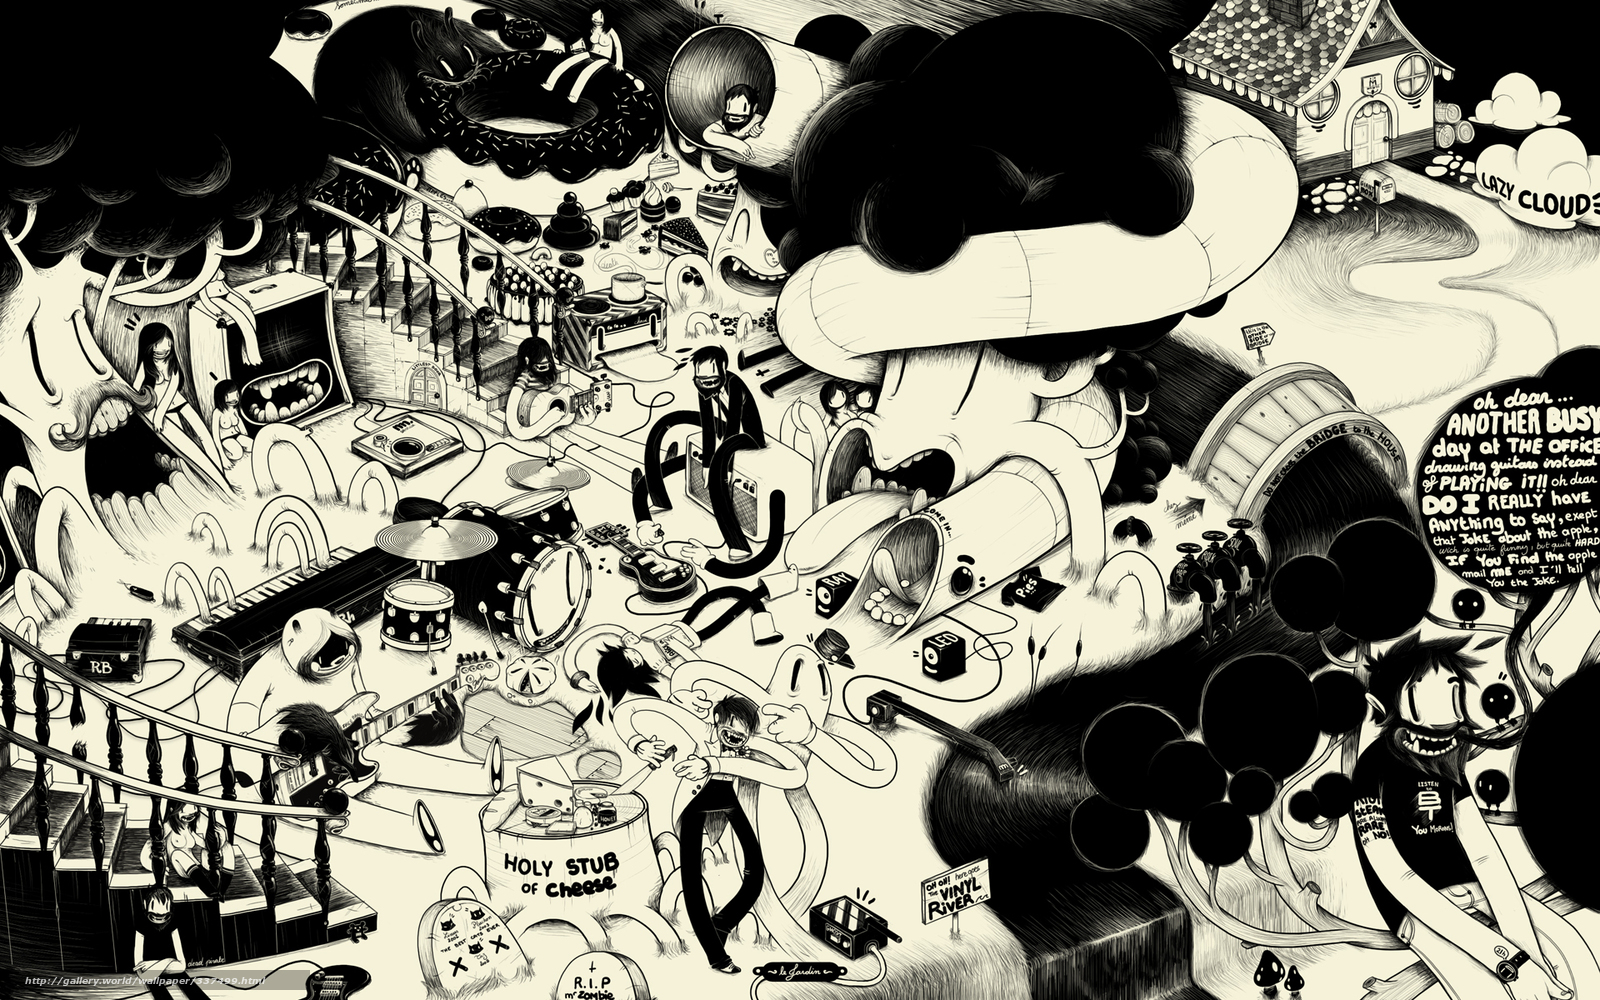 Scaricare Gli Sfondi Musica In Bianco E Nero Stile Sfondi Gratis